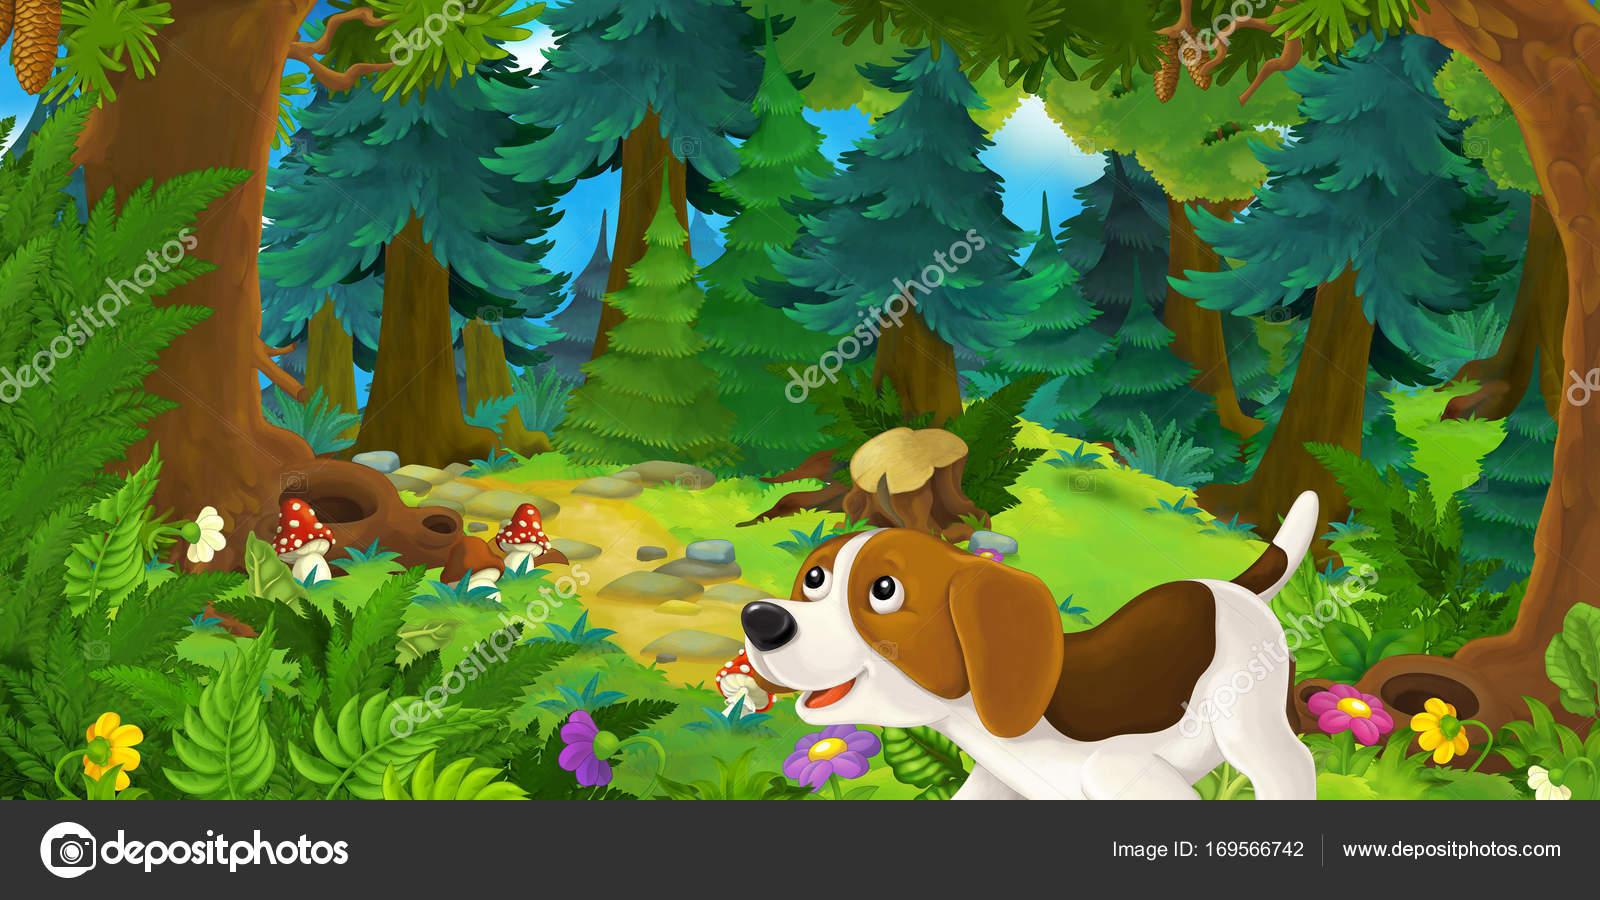 Картинка собаки в лесу для детей